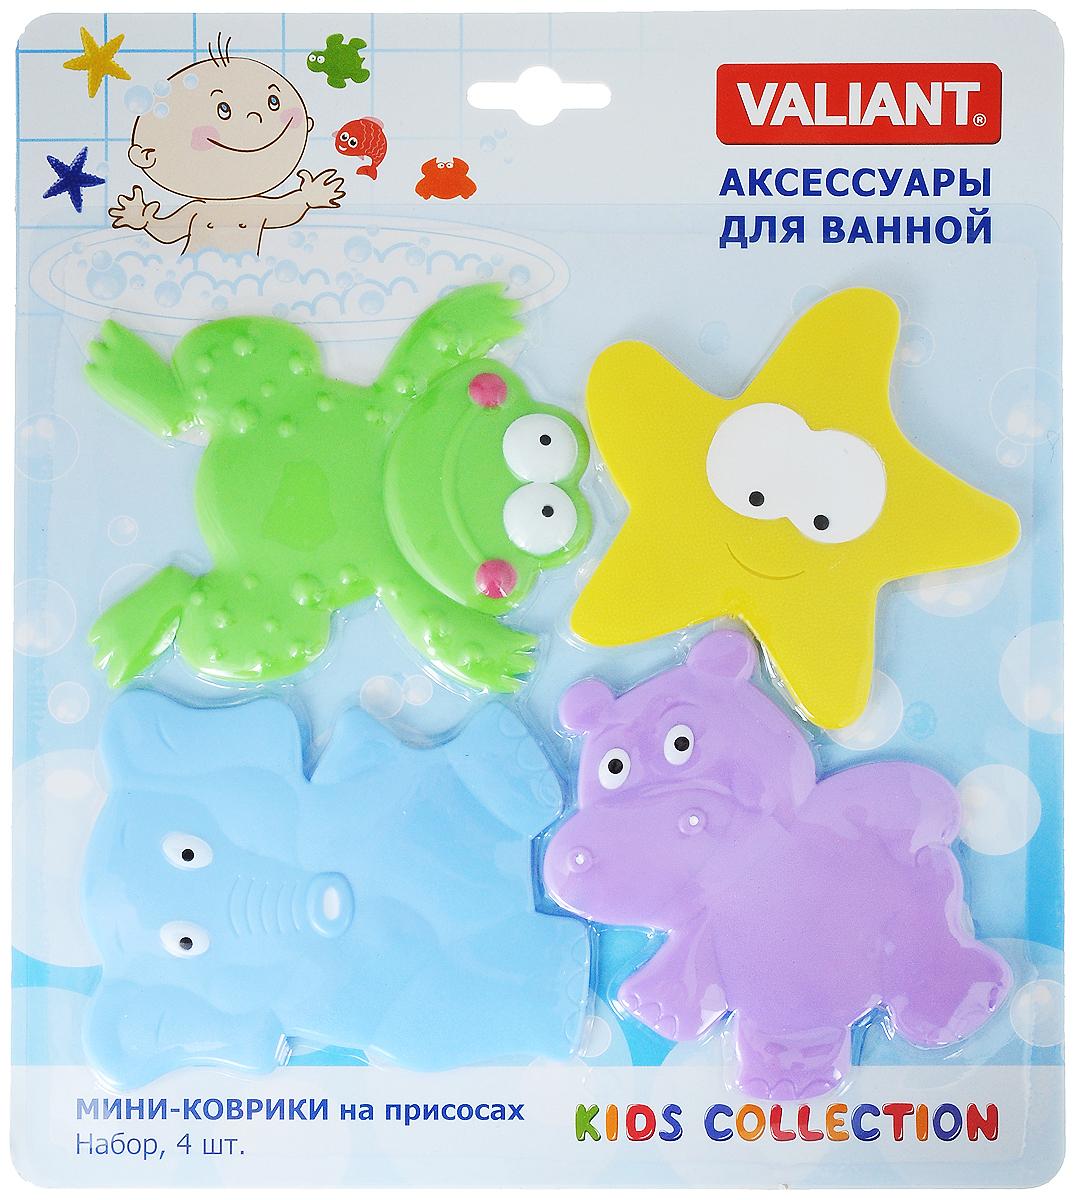 Valiant Мини-коврик для ванной комнаты Веселые зверюшки на присосках 4 штMIX4S4Мини-коврик для ванной комнаты Valiant Веселые зверюшки - это модный и экономичный способ сделать вашу ванную комнату более уютной, красивой и безопасной.В наборе представлены 4 мини-коврика в виде лягушки, звезды, слоника и бегемота. Коврики прочно крепятся на любую гладкую поверхность с помощью присосок. Расположите коврики там, где вам необходимо яркое цветовое пятно и надежная противоскользящая опора - на поверхности ванной, на кафельной стене или стенке душевой кабины или на полу - как дополнение вашего коврика стандартного размера.Мини-коврики Valiant незаменимы при купании маленького ребенка: он не поскользнется и не упадет, держась за мягкую и приятную на ощупь рифленую поверхность коврика.Рекомендации по уходу: после использования тщательно смойте остатки мыла или других косметических средств с коврика.